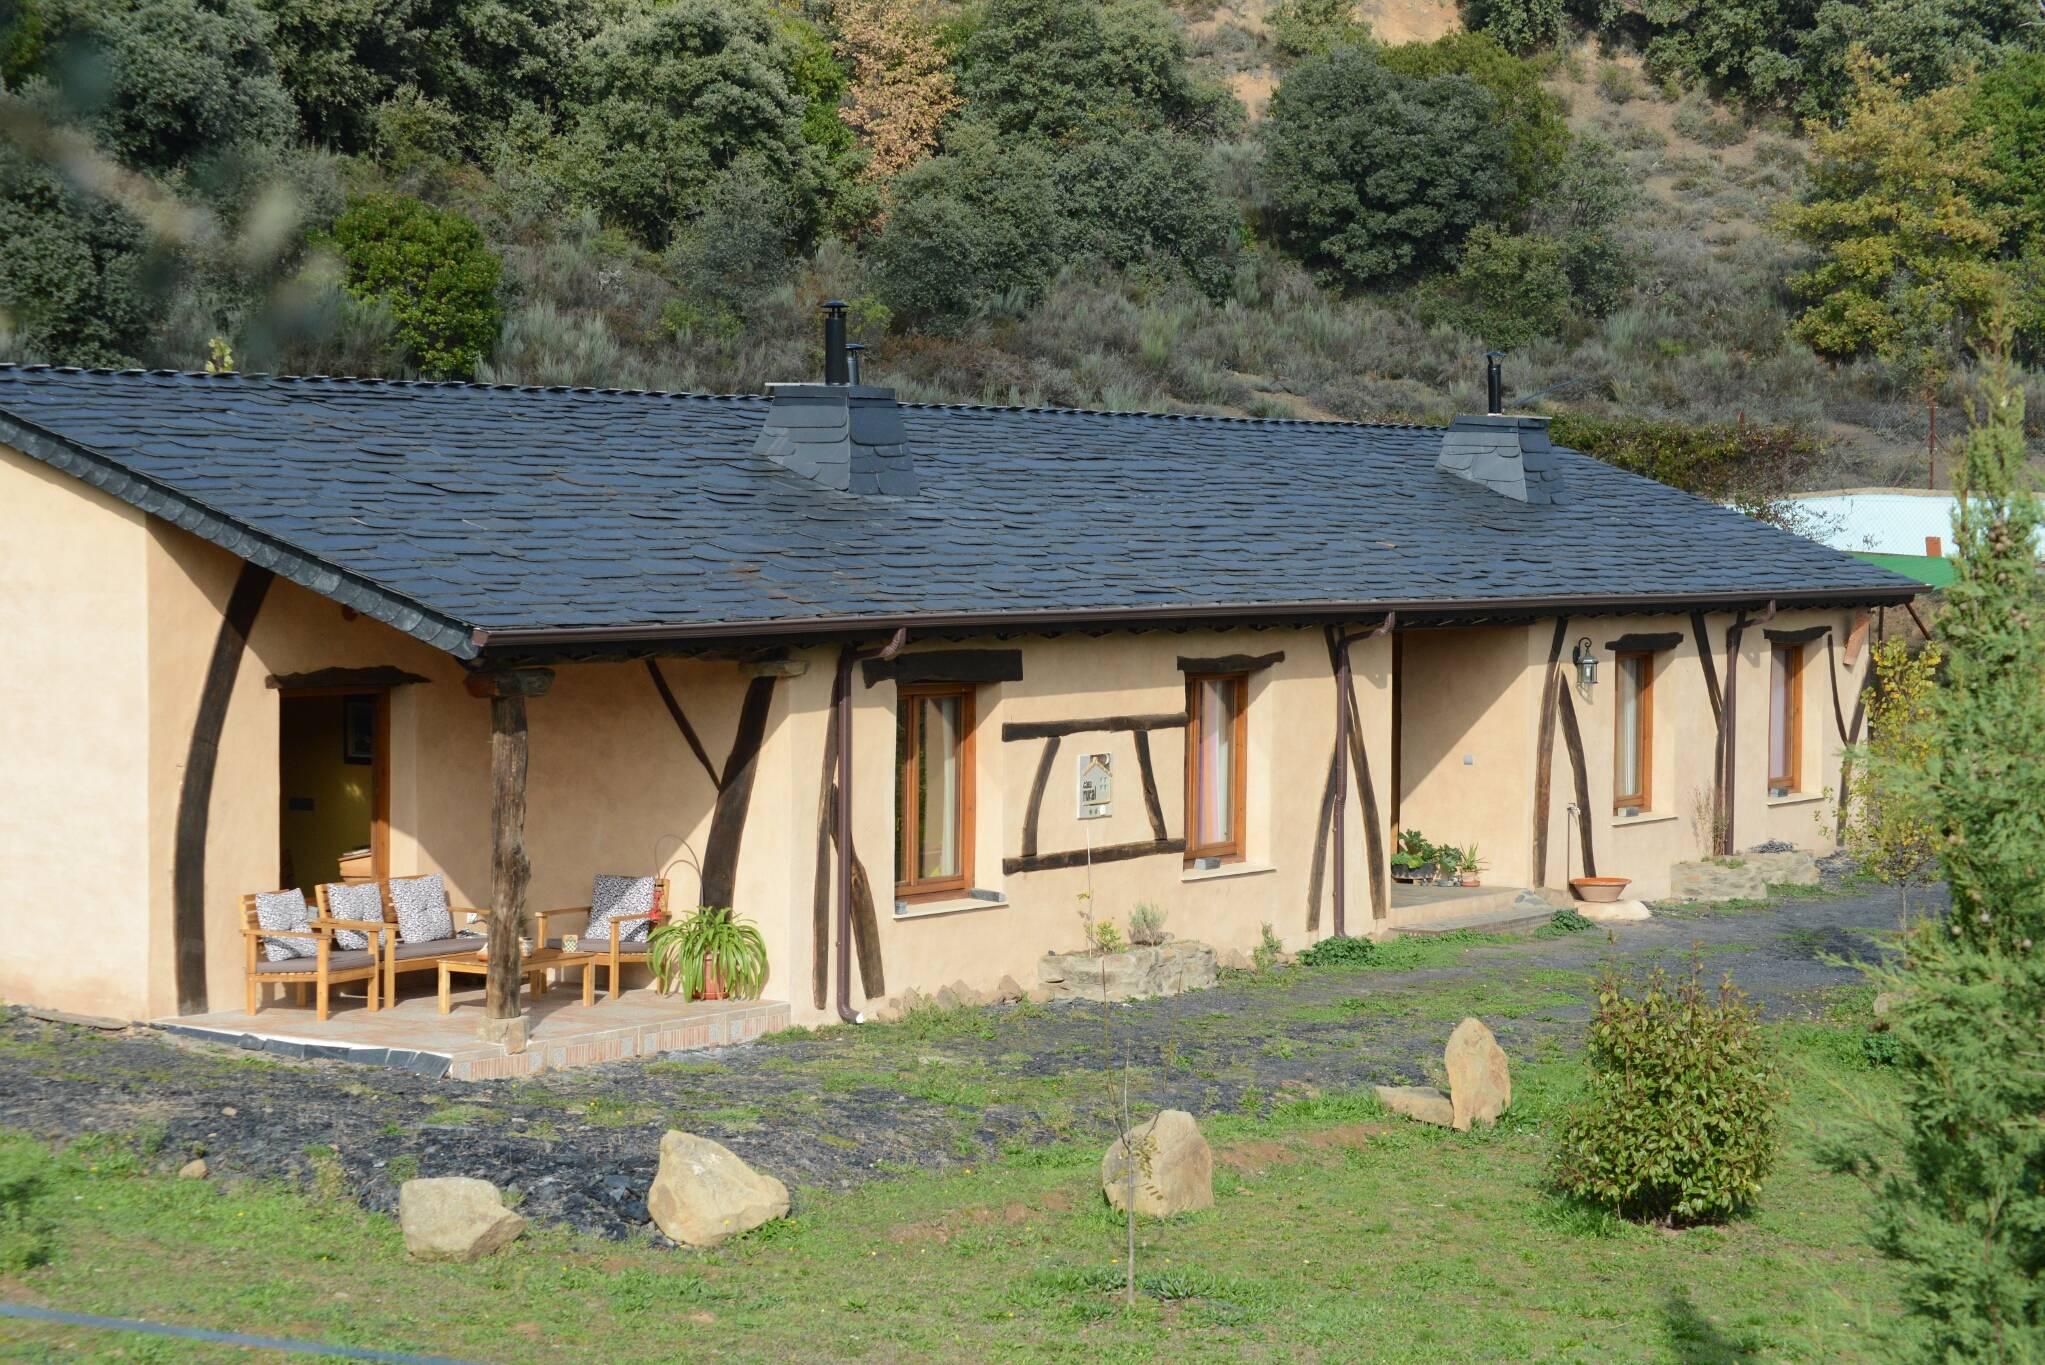 Casa rural - El Mayulon - Vista completa - Casa rural La Magia y casa rural El Encanto